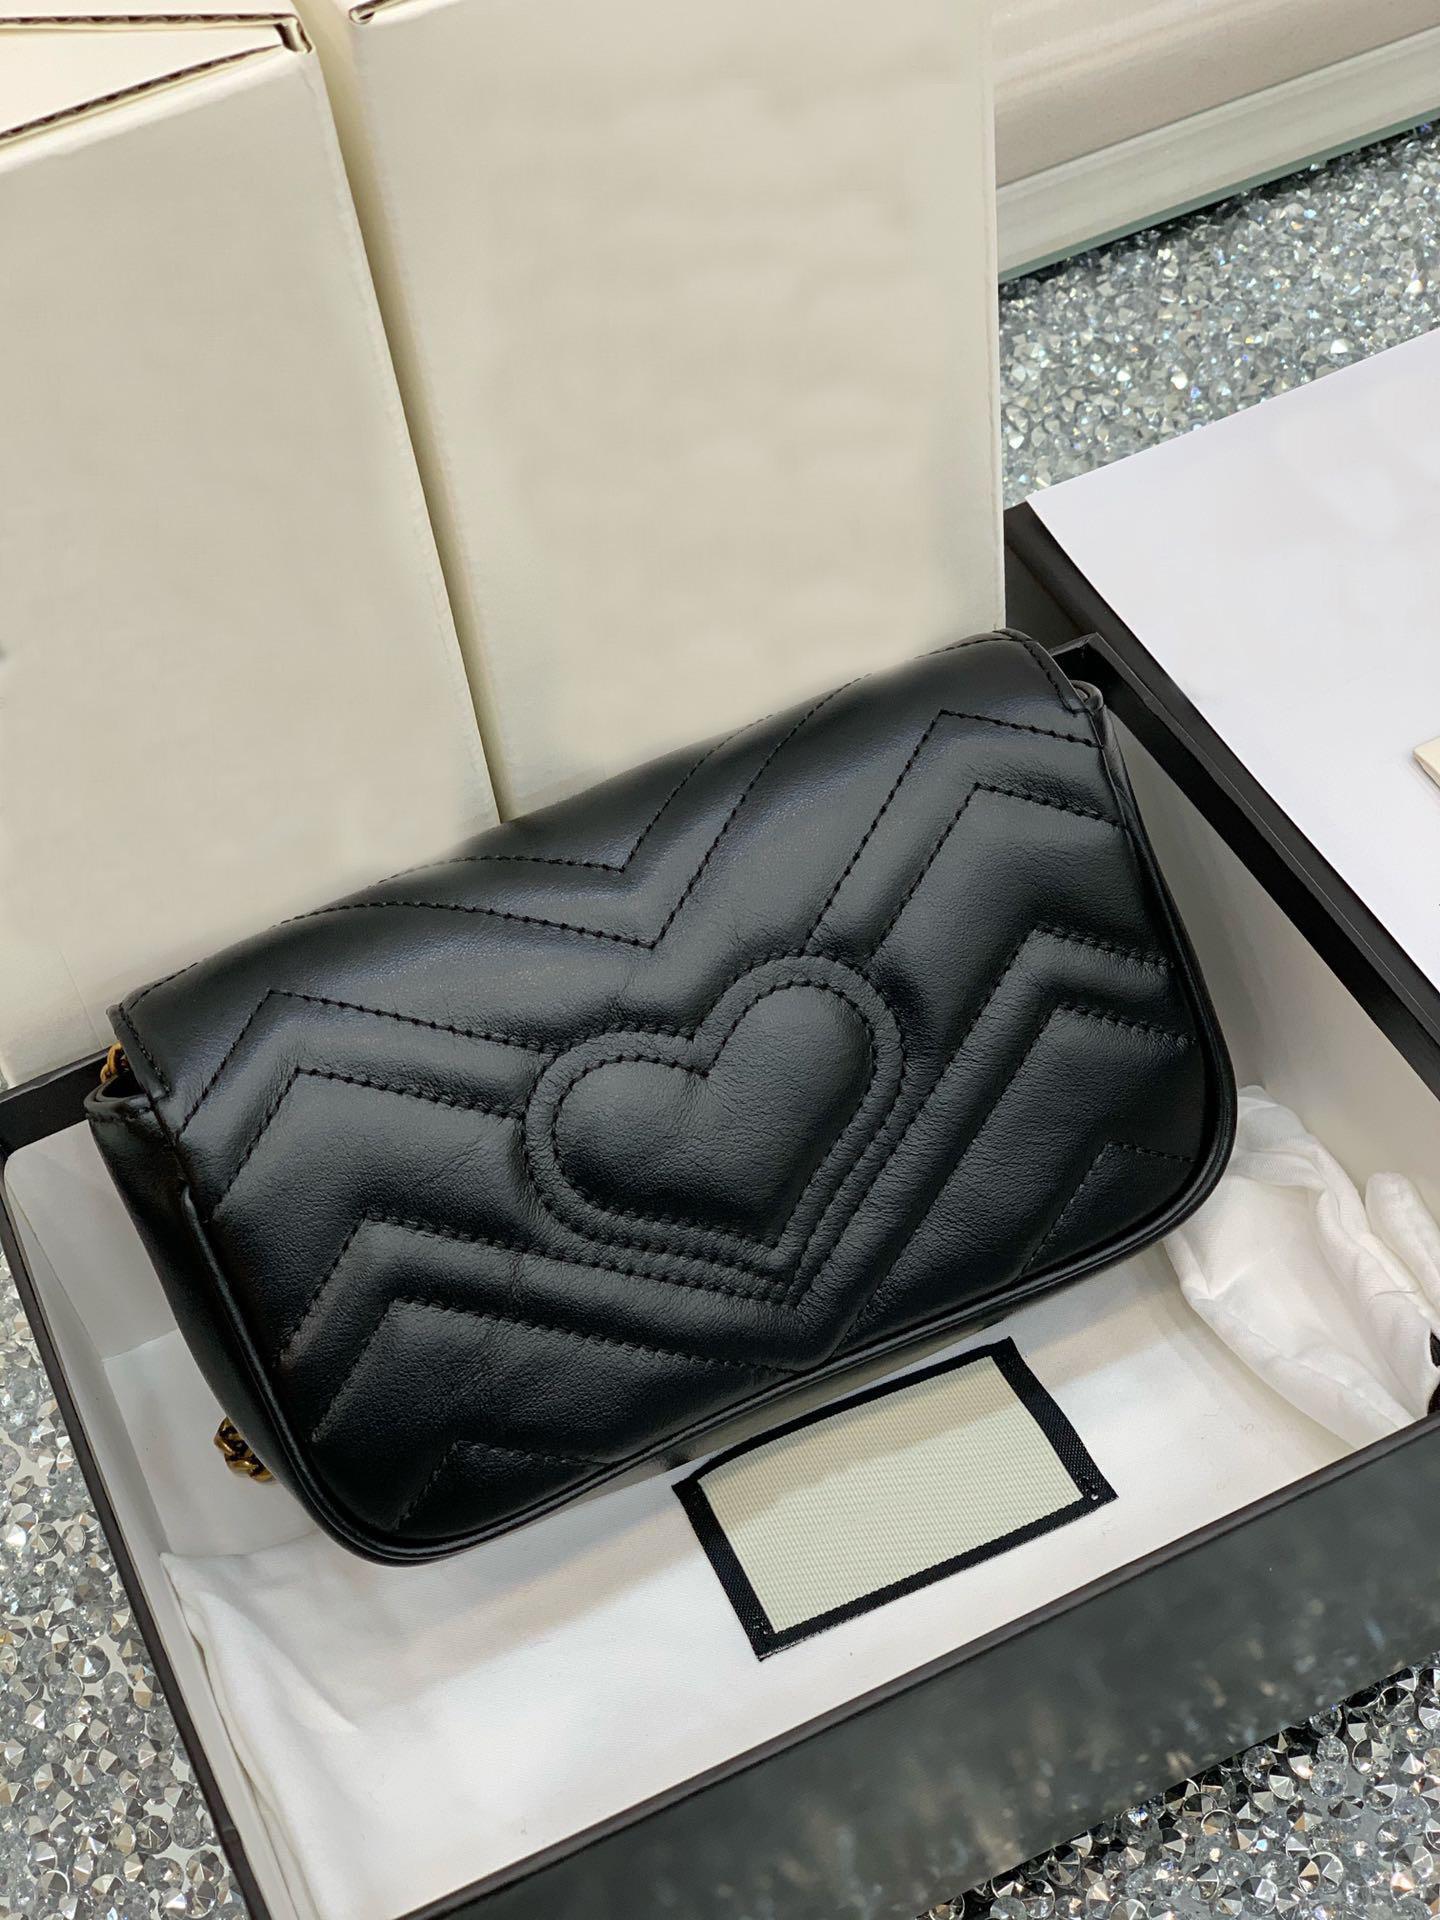 Taschen Neu 476433 Designer Mode Weibliche Luxus 2020 Umhängetasche Womens Handtasche Rhombus Messenger Bag Frauen Doppel G BAG 16.5-10-5 PLHIG